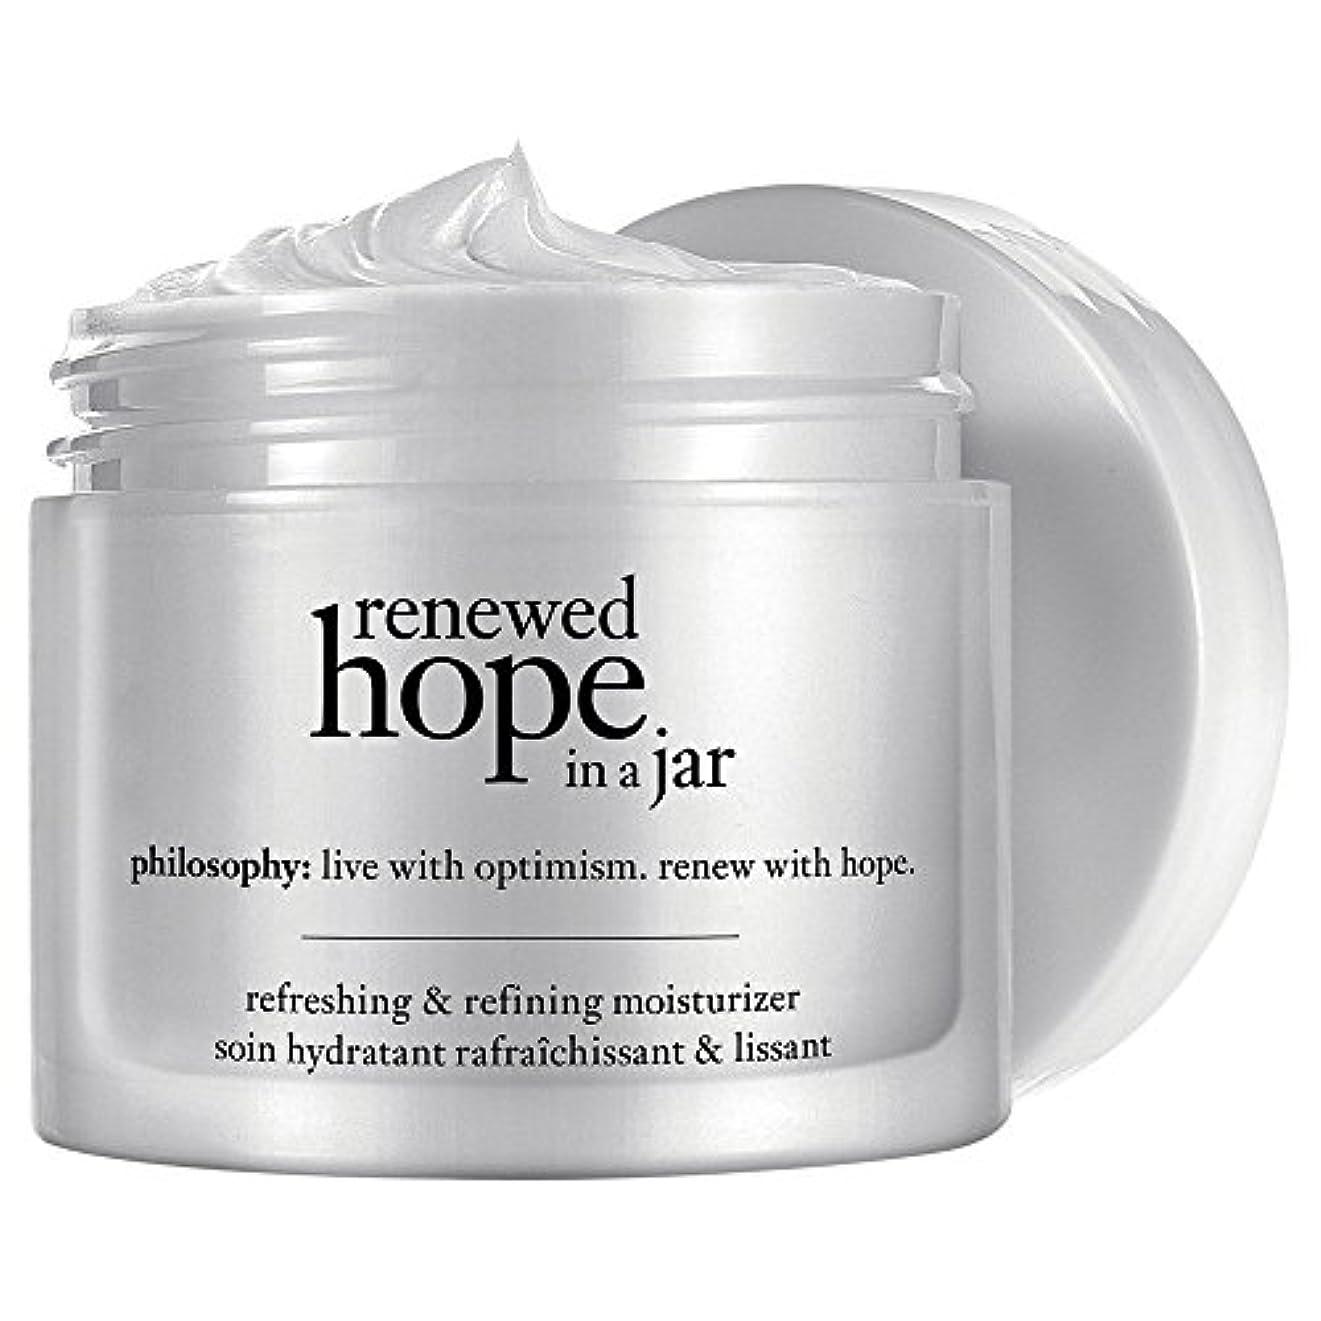 パワーセル特性ハチ瓶内の哲学新たな希望を、60ミリリットル (Philosophy) - Philosophy Renewed Hope In a Jar, 60ml [並行輸入品]